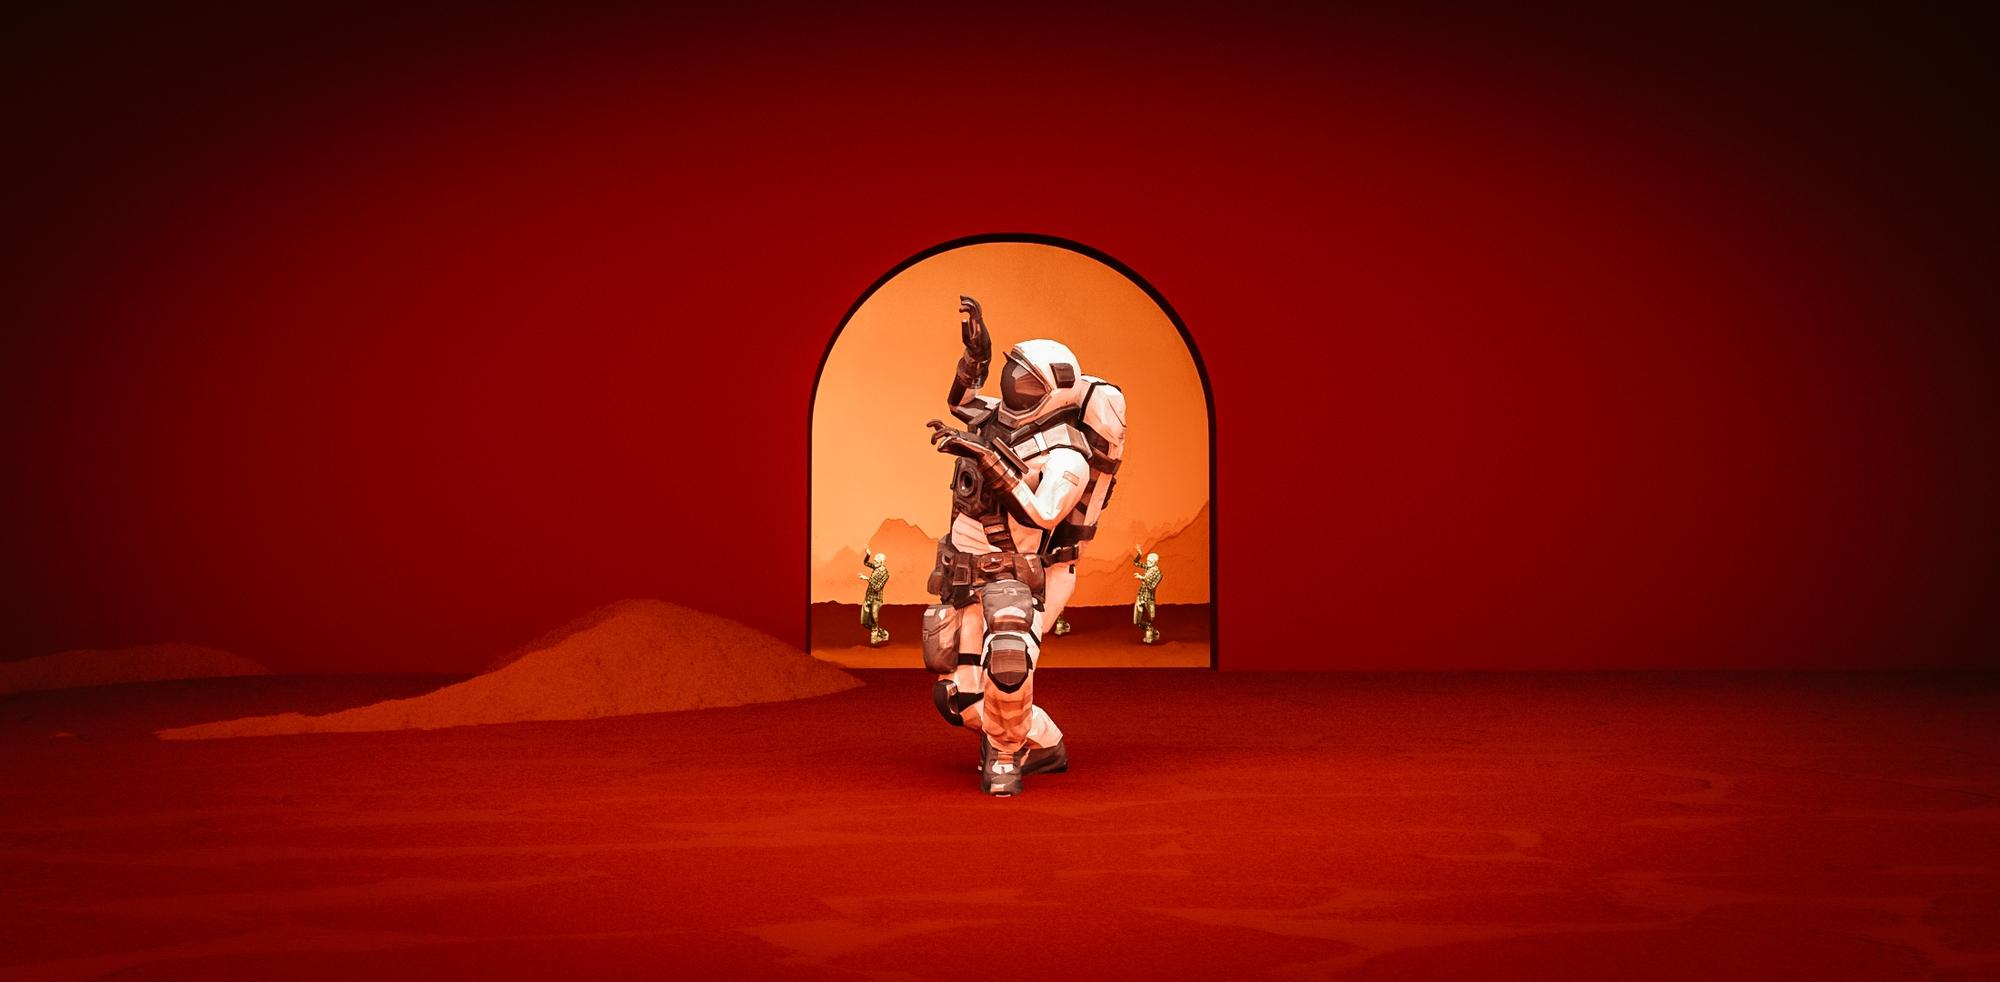 Astronaut dancing to thriller